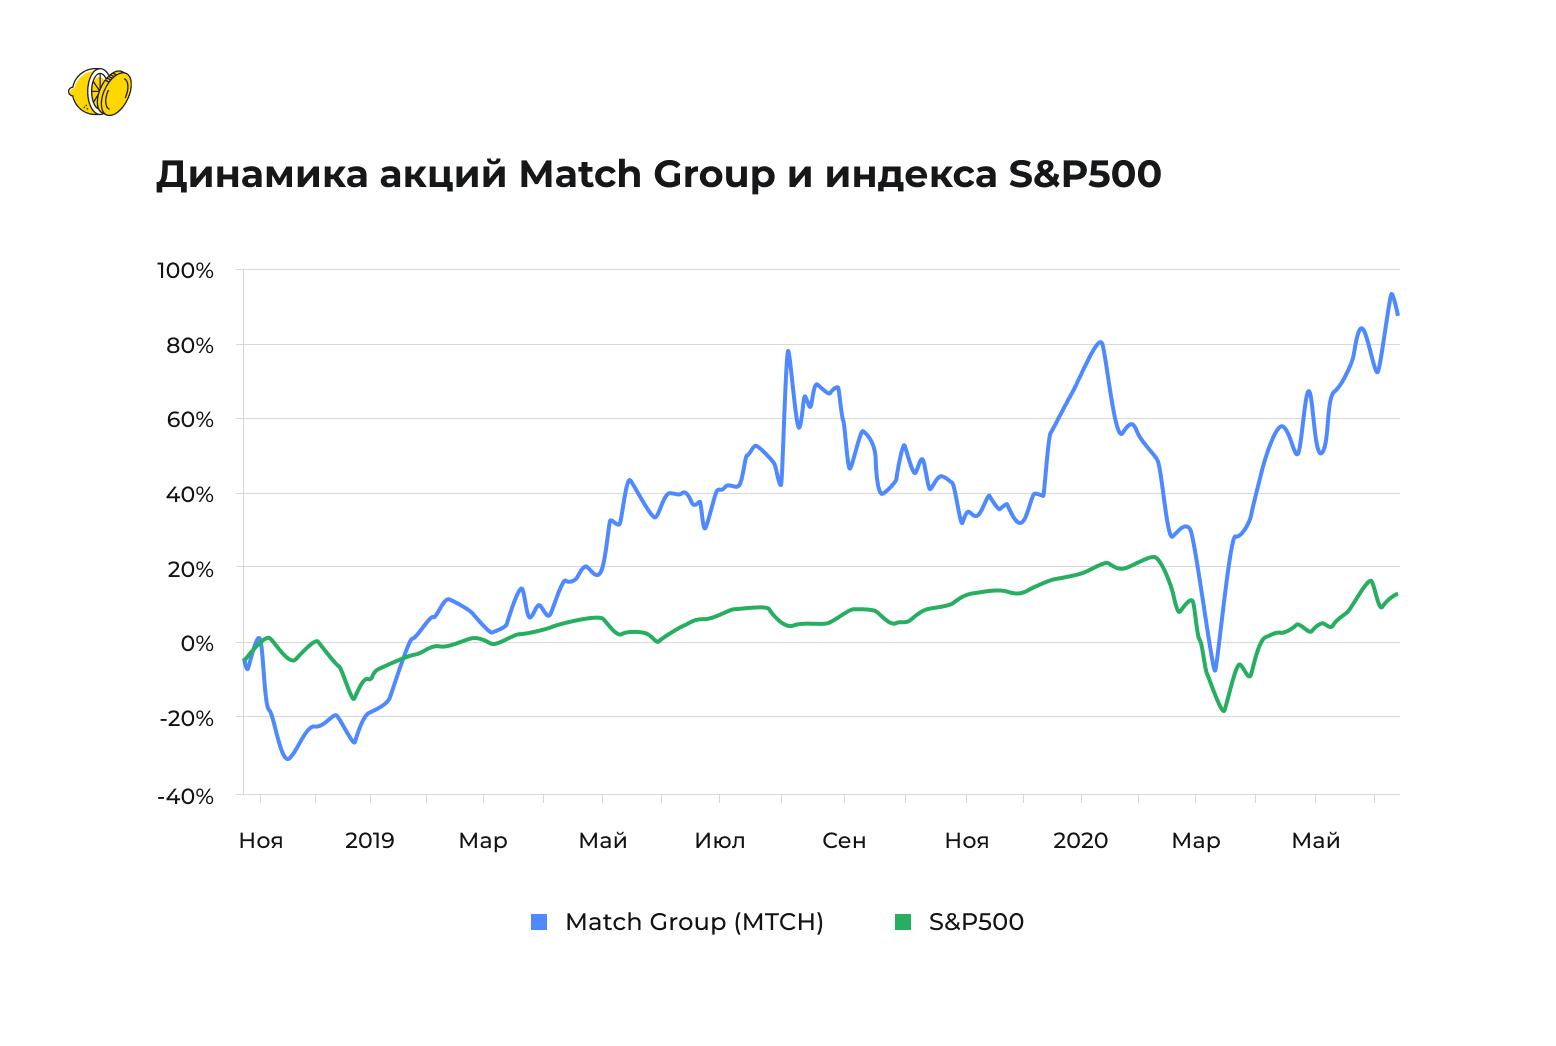 Почему стоит присмотреться к акциям Match Group